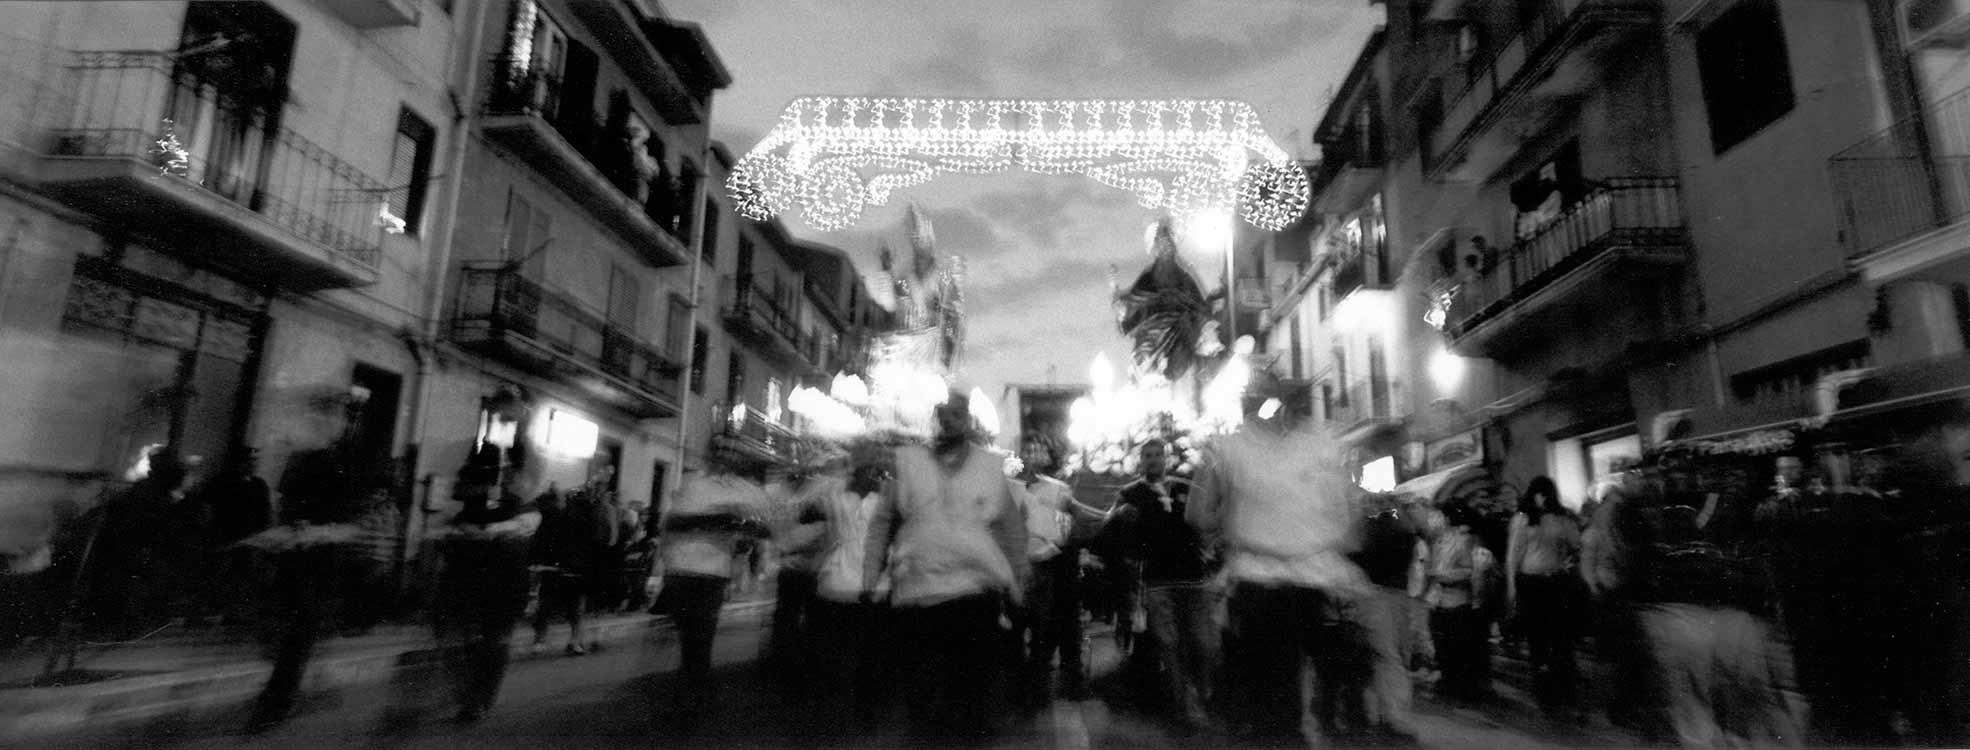 """Corleone, processione di corsa con San leoluca """"patrono"""" e Sant'Antonio"""